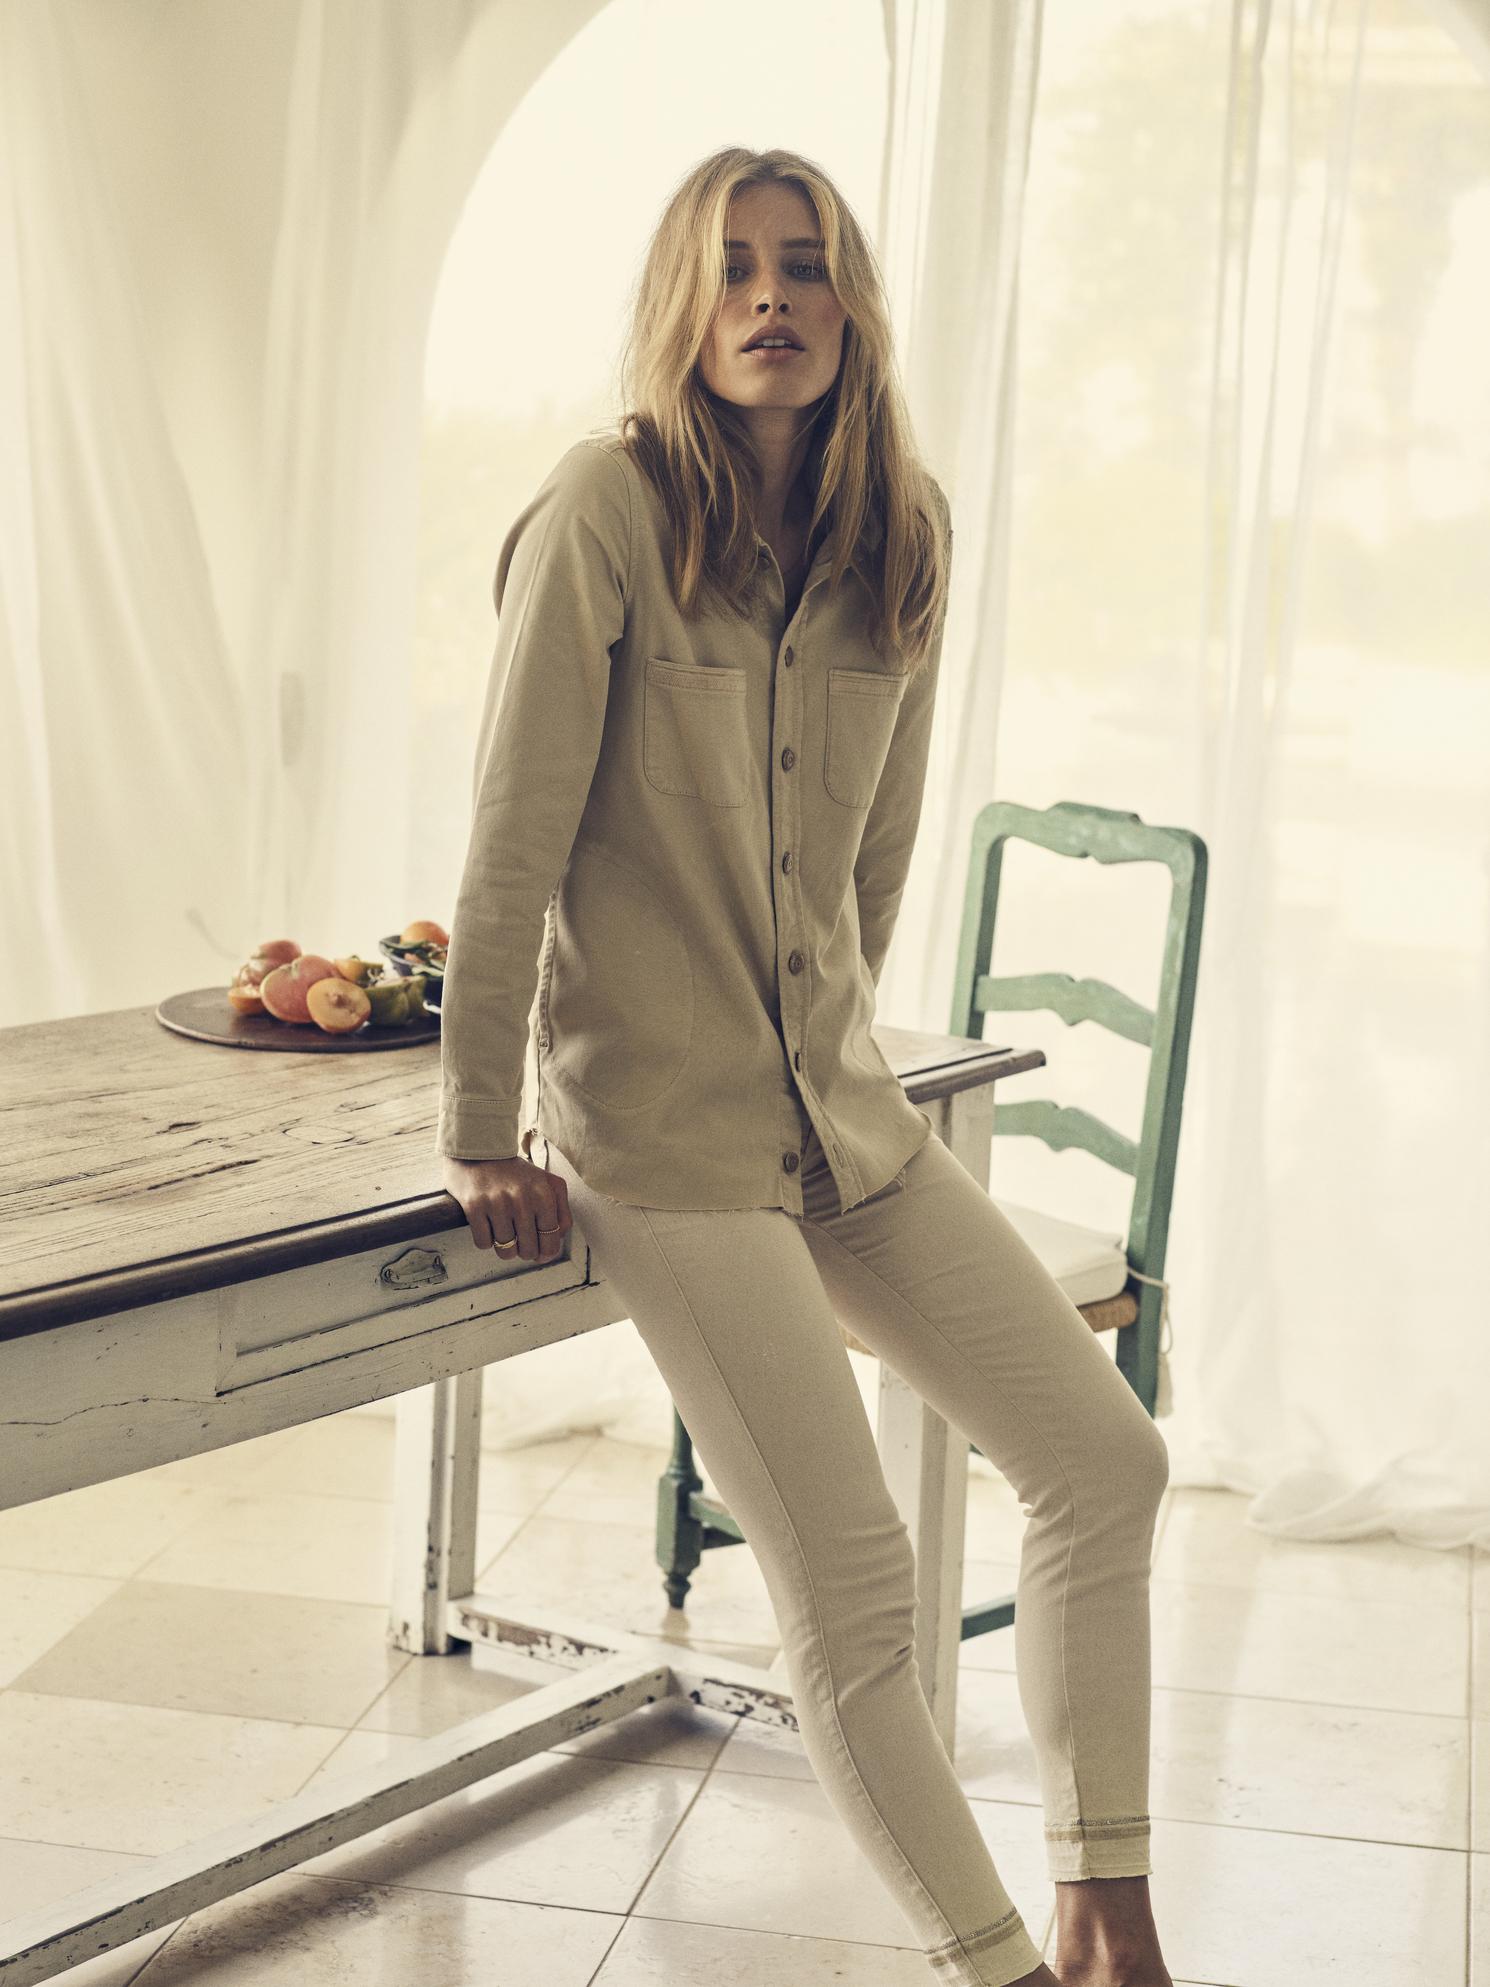 131600_Cuss_Shirt_-_131470_Sumner_Cream_Jeans(1)